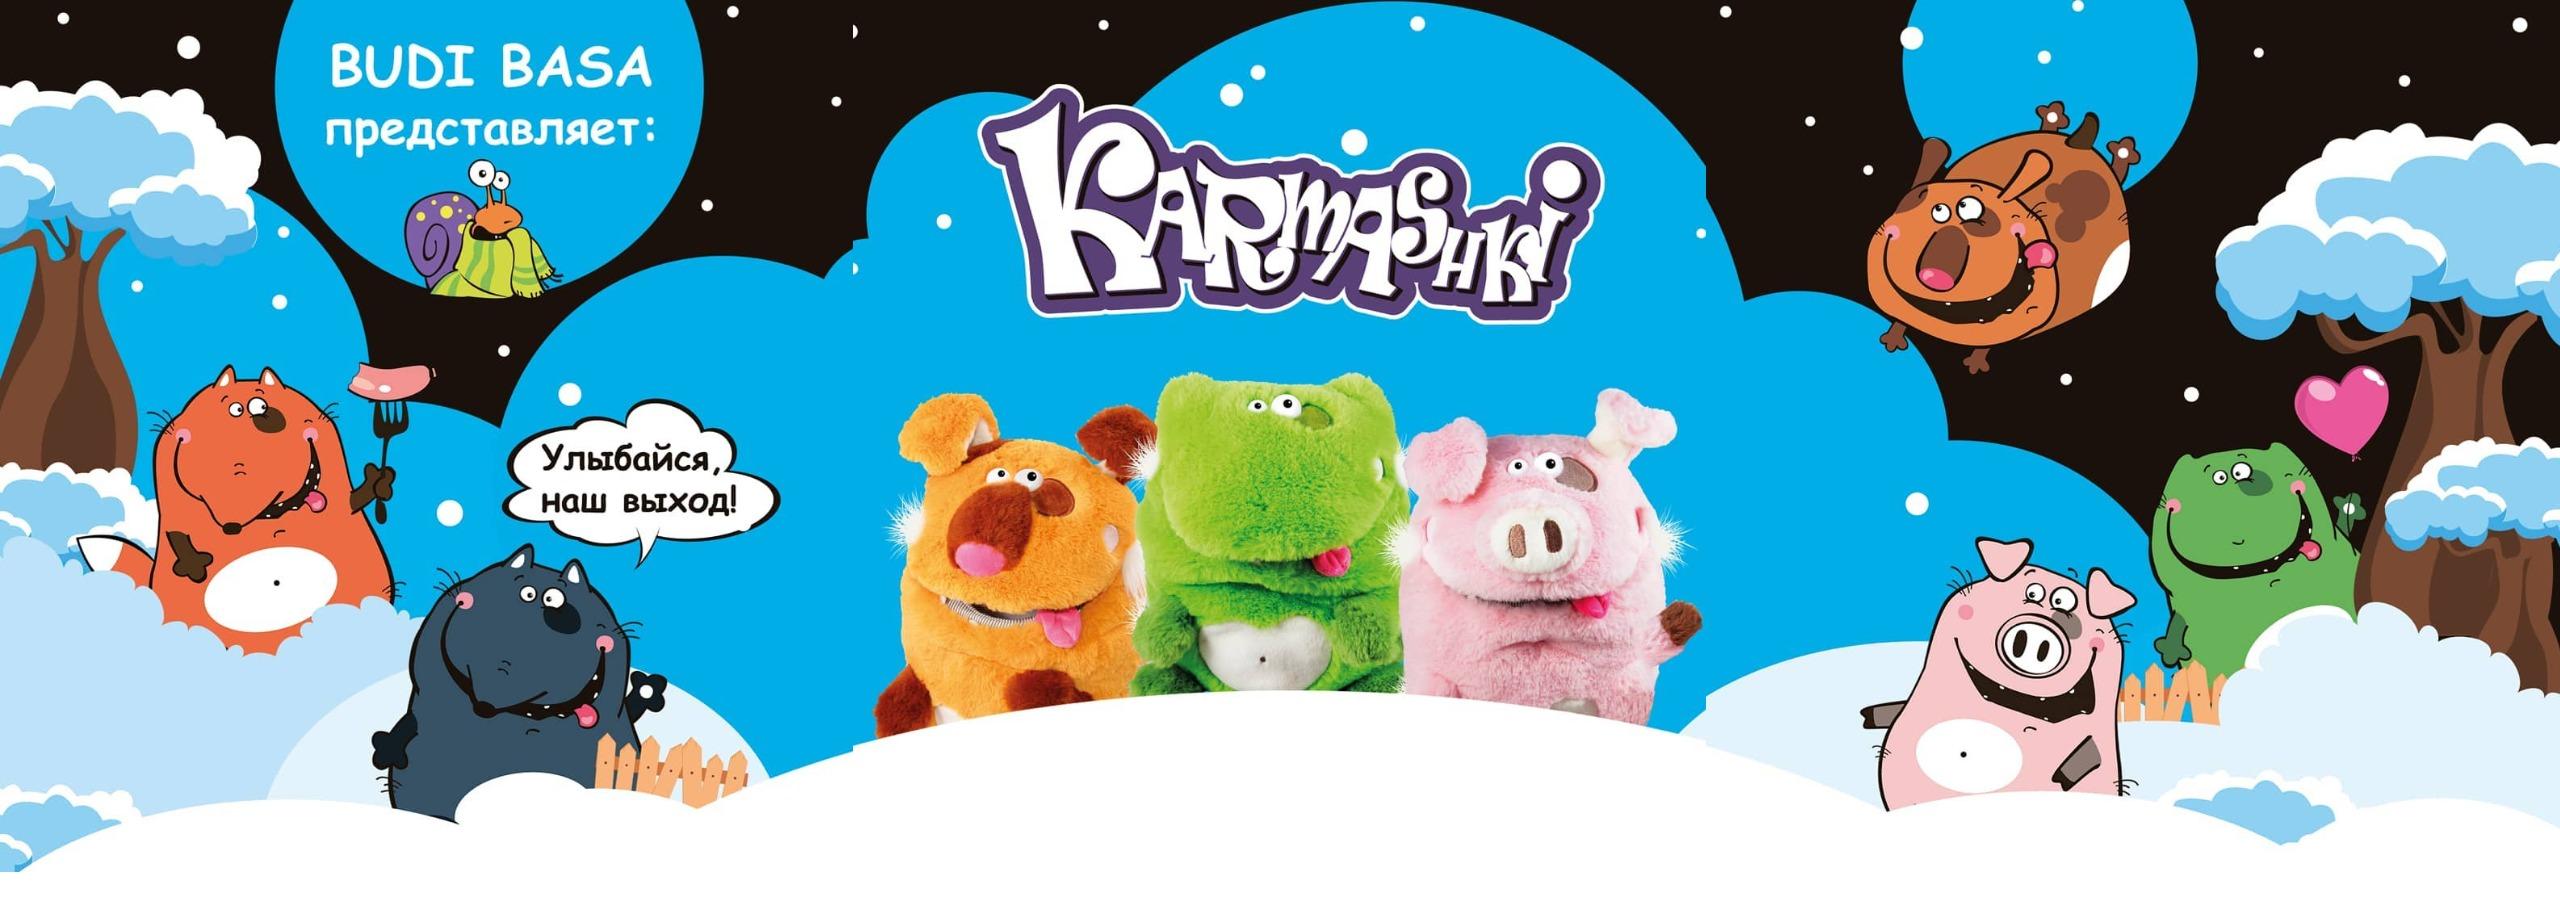 Karmashki Budi Basa - мягкие игрушки Кармашки купить с доставкой